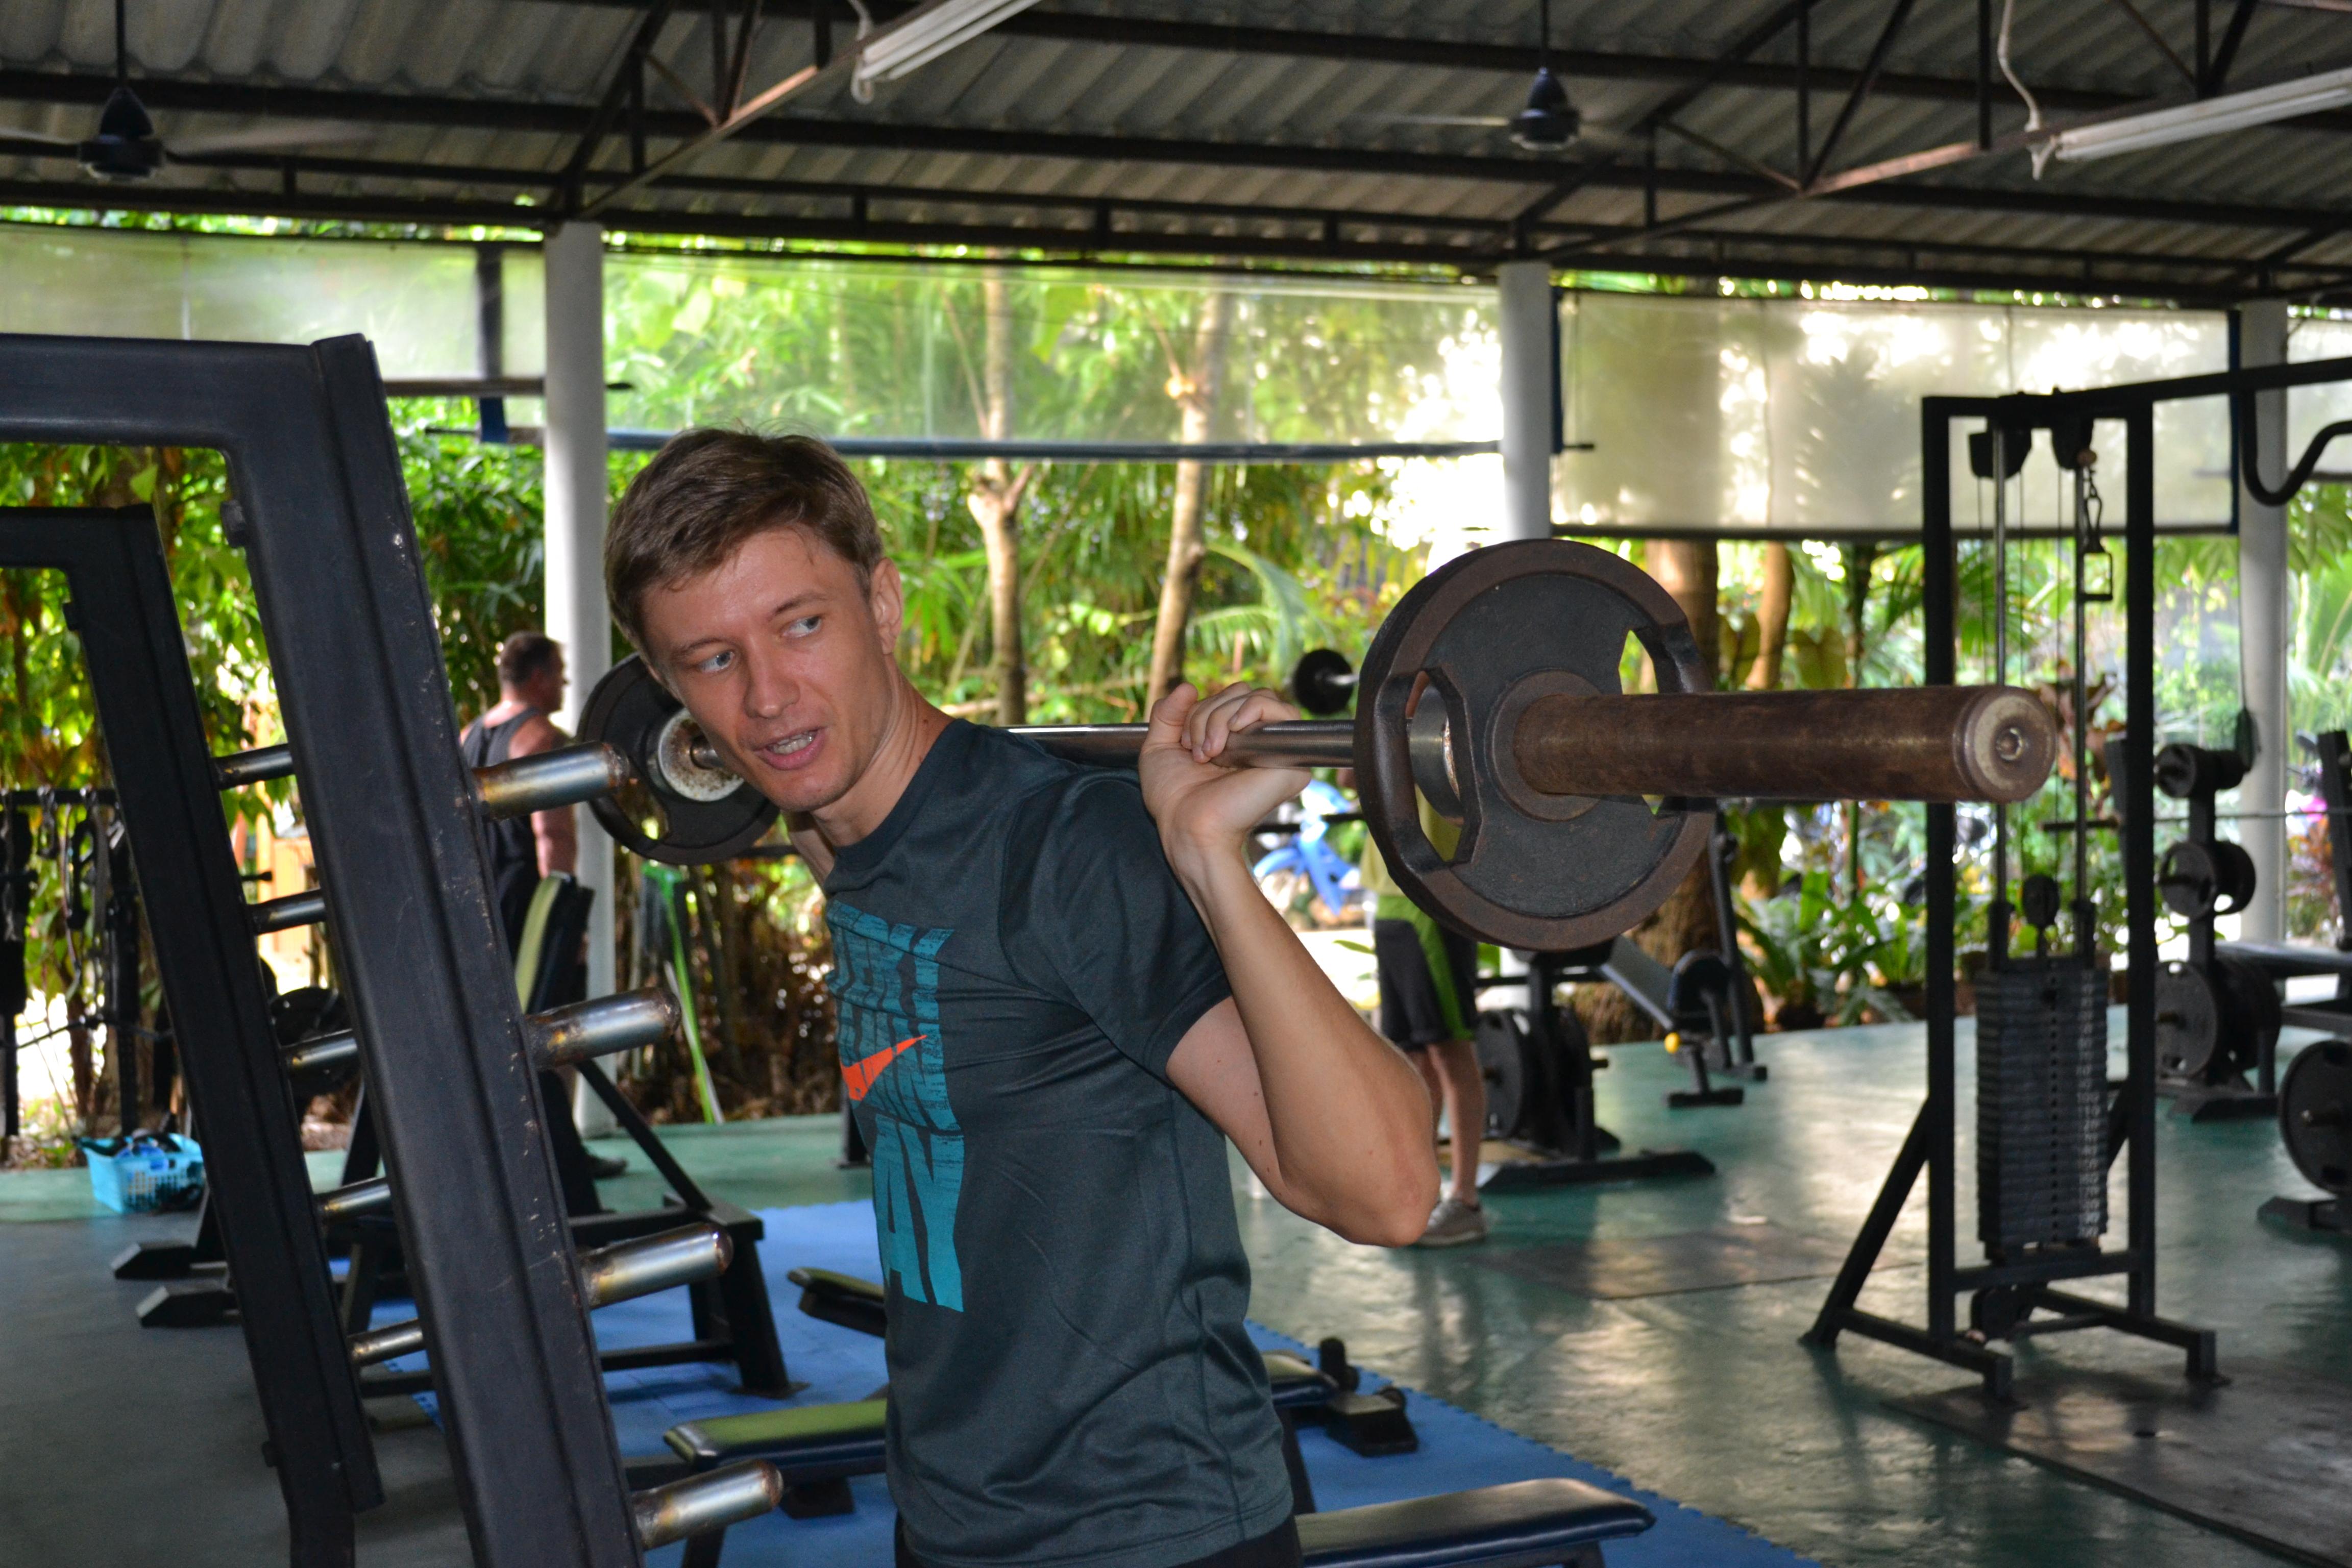 Artem-Mel'nik-fitnes-proekt-6-nedelja-trenirovok-Артем-Мельник-фитнес-проект-6-неделя-тренировок